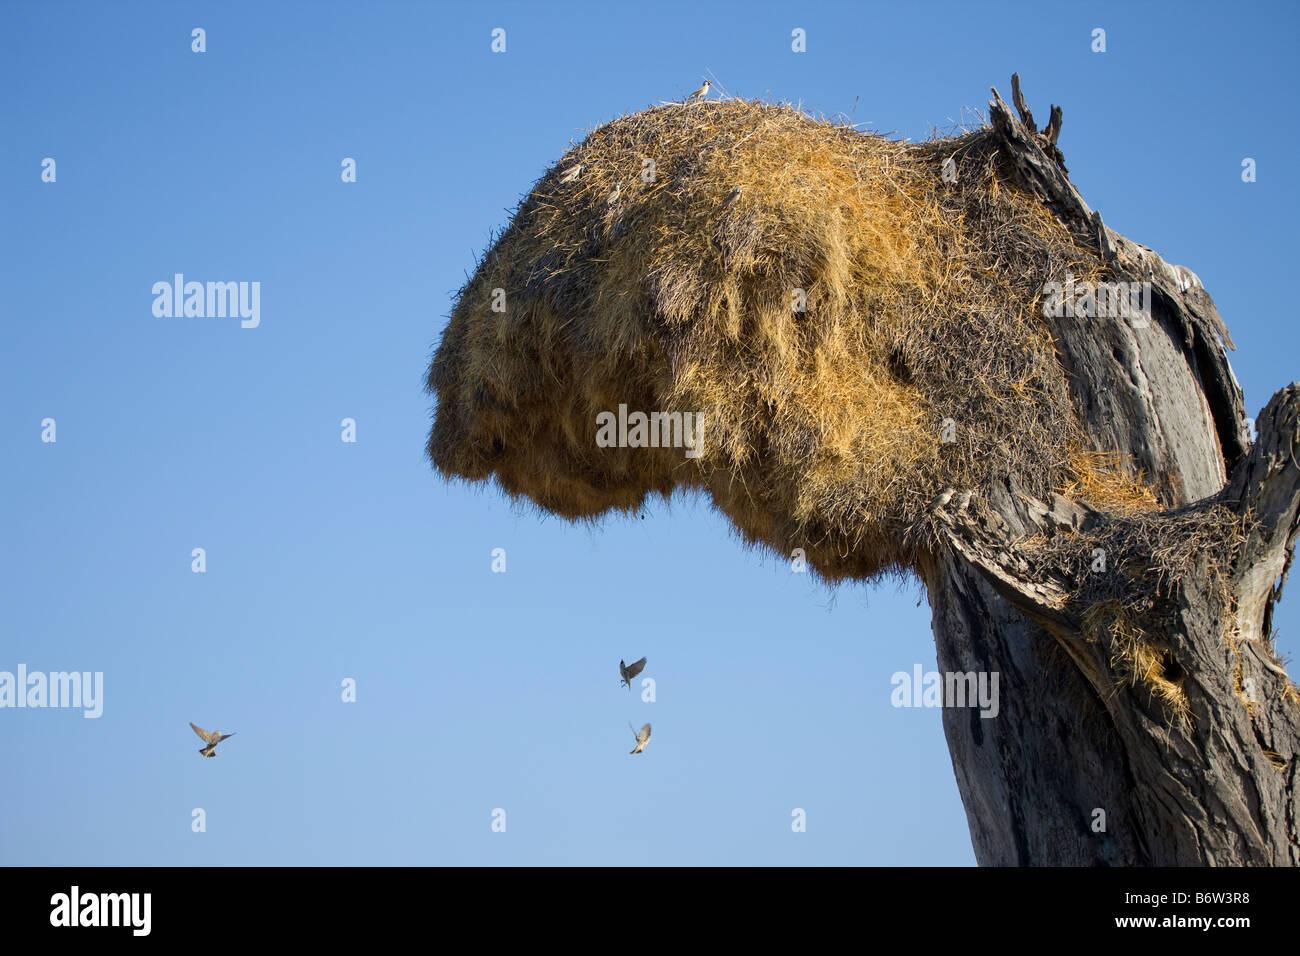 Sociable Weavers Flying to their Nest, Etosha National Park, Namibia - Stock Image